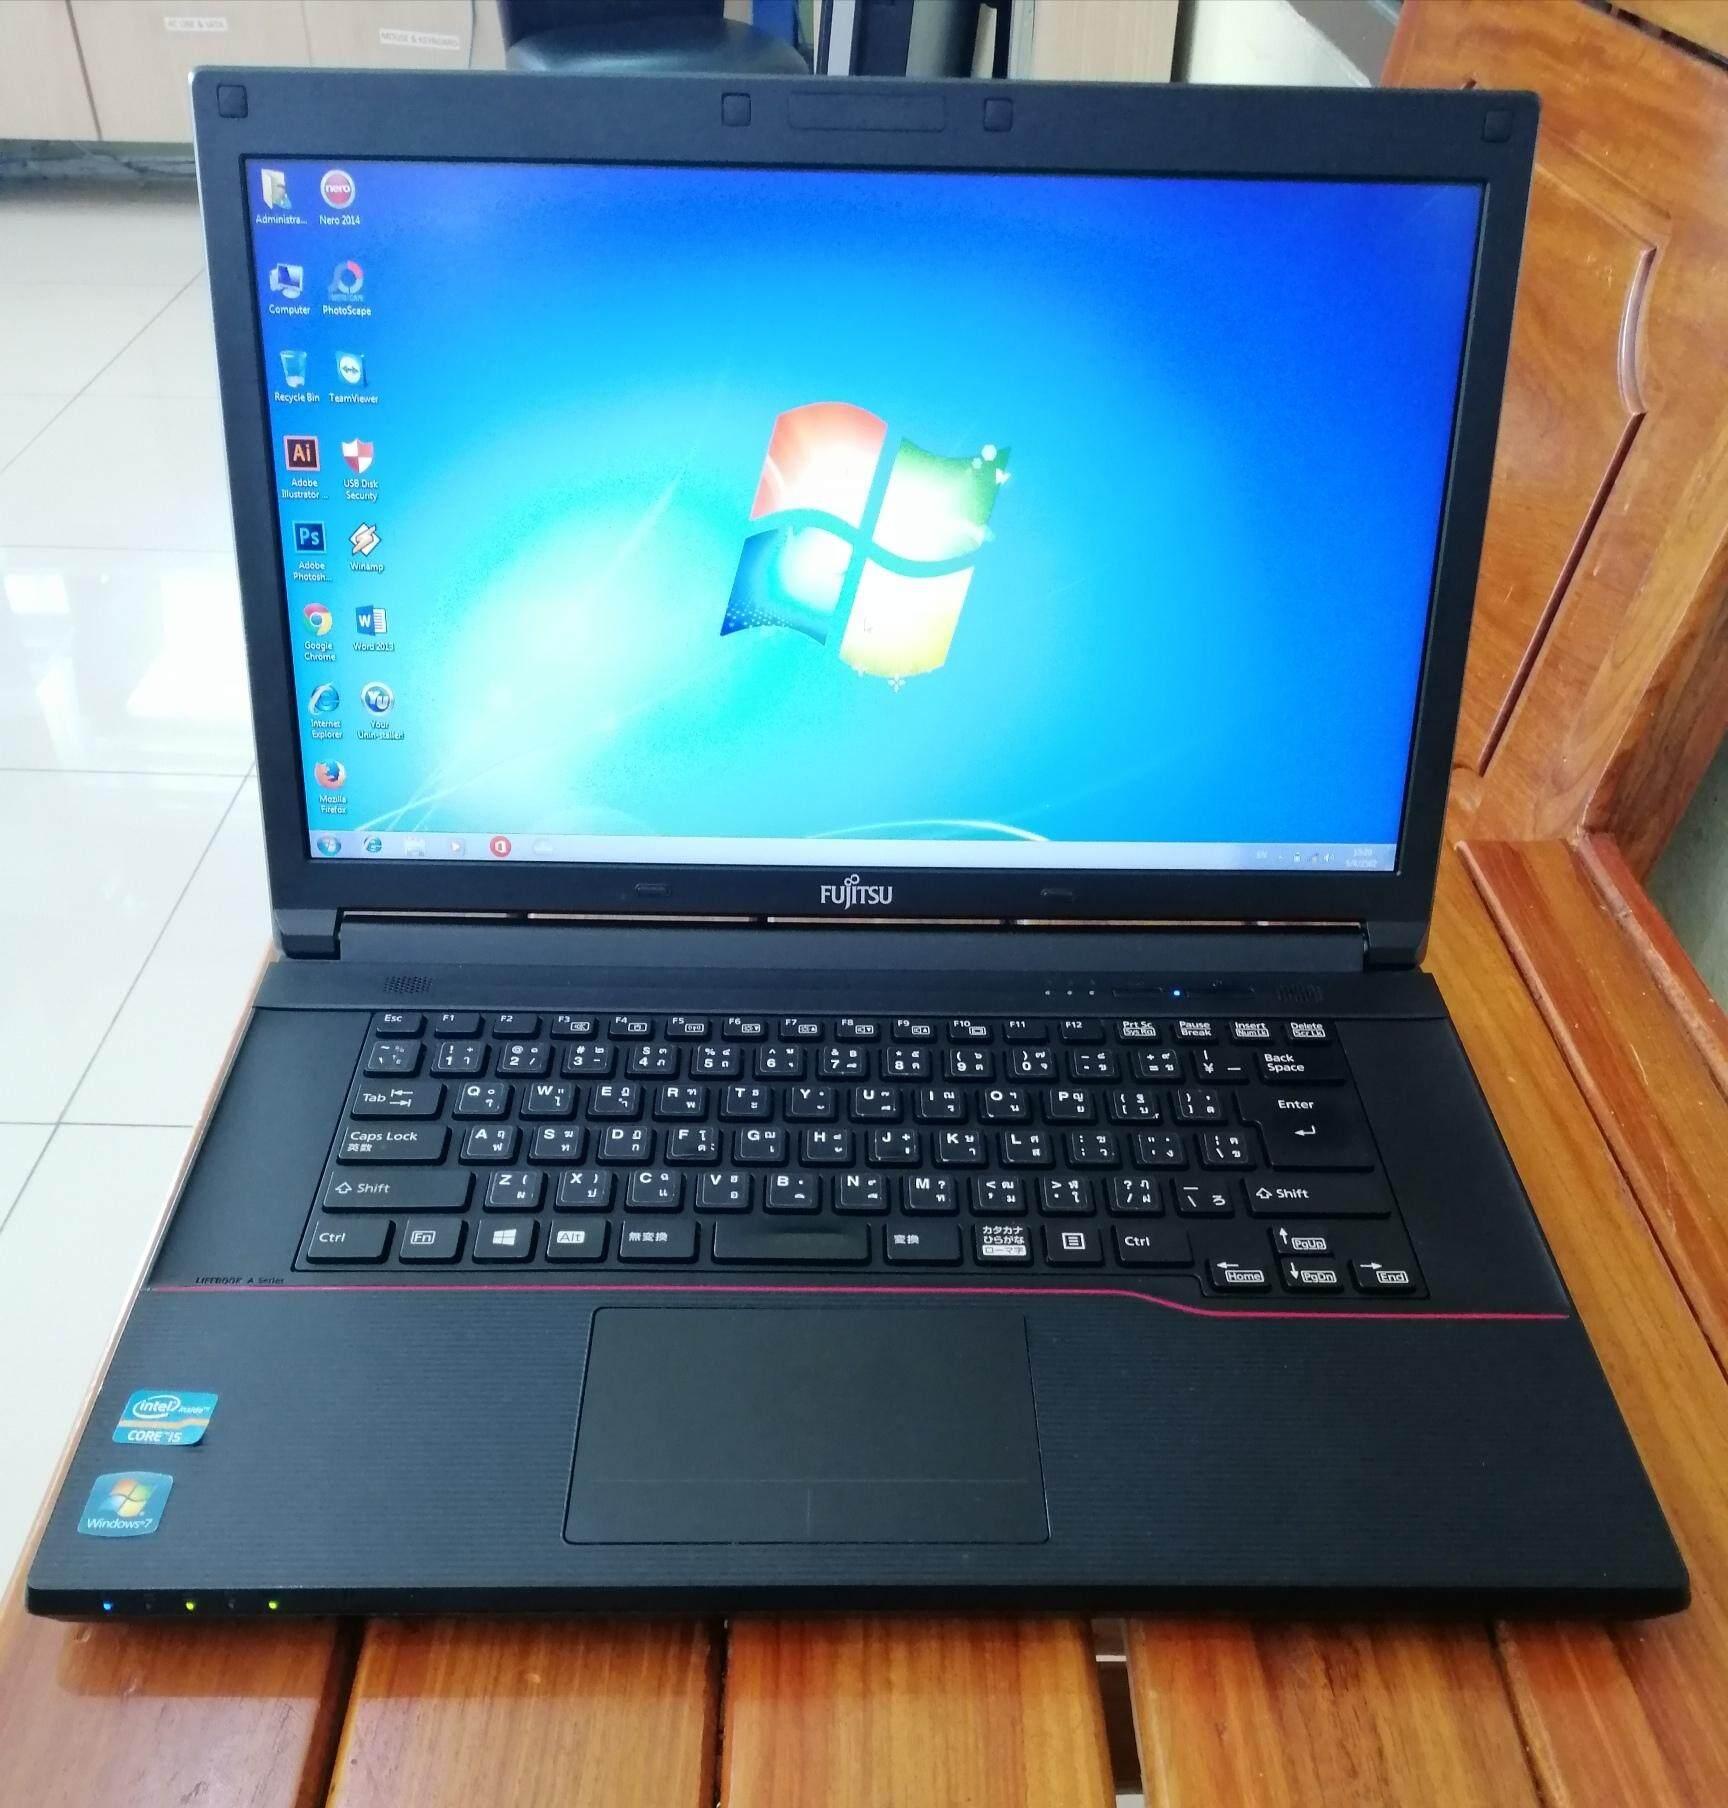 โน๊ตบุ๊ค Fujitsu Core I5 แรม4gb(มีเก็บเงินปลายทาง) By Sunnycomputer.